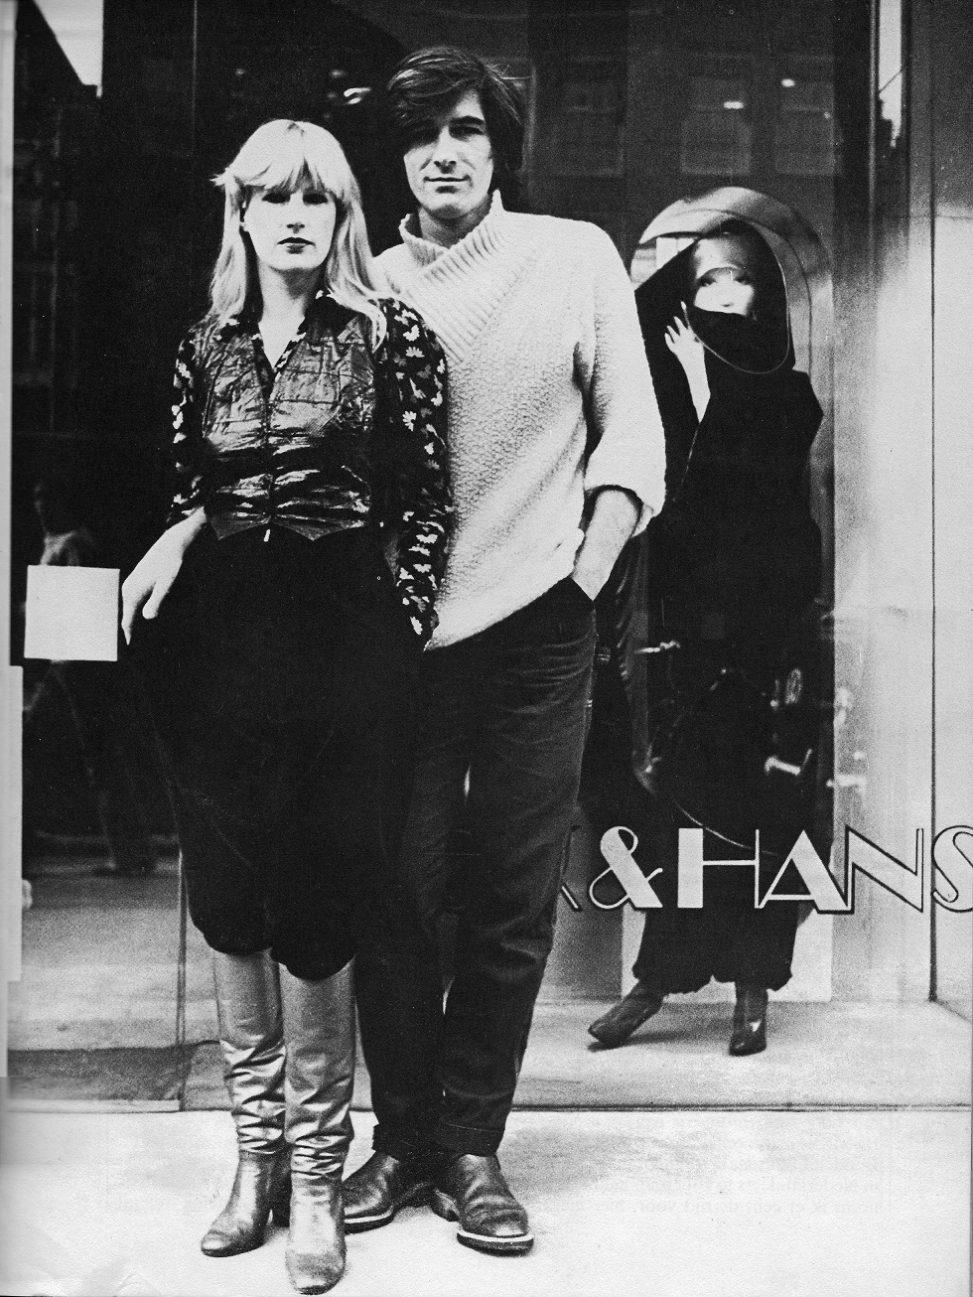 puck_hans_voor_de_winkel_op_rokin_1976_-_fotograaf_anna_beeke